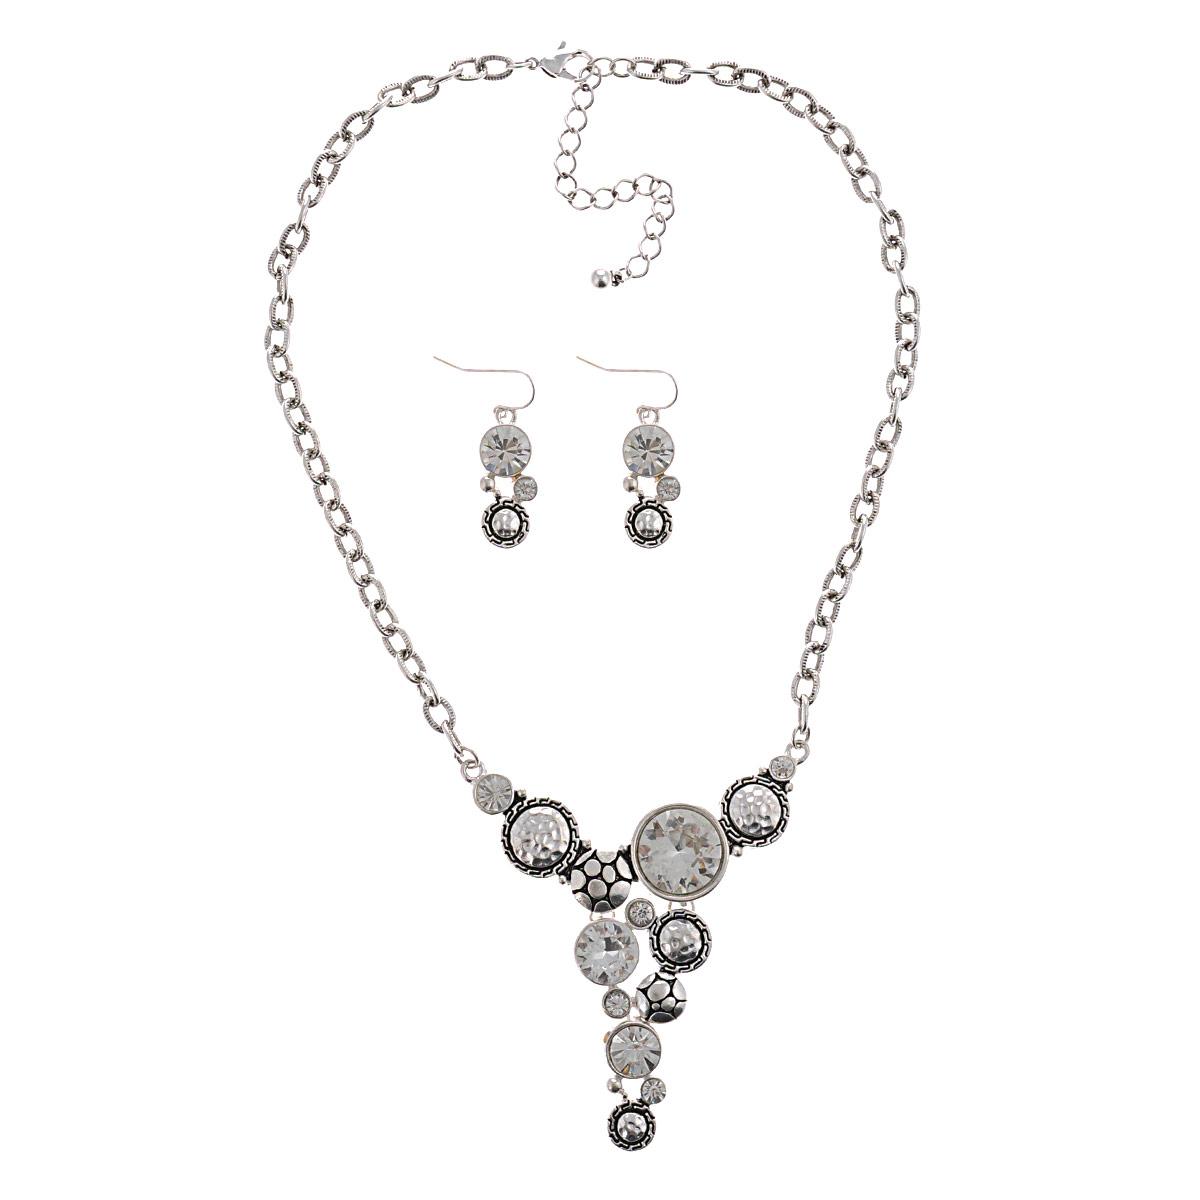 Комплект украшений Avgad: колье, серьги, цвет: серебристый. H-477S862